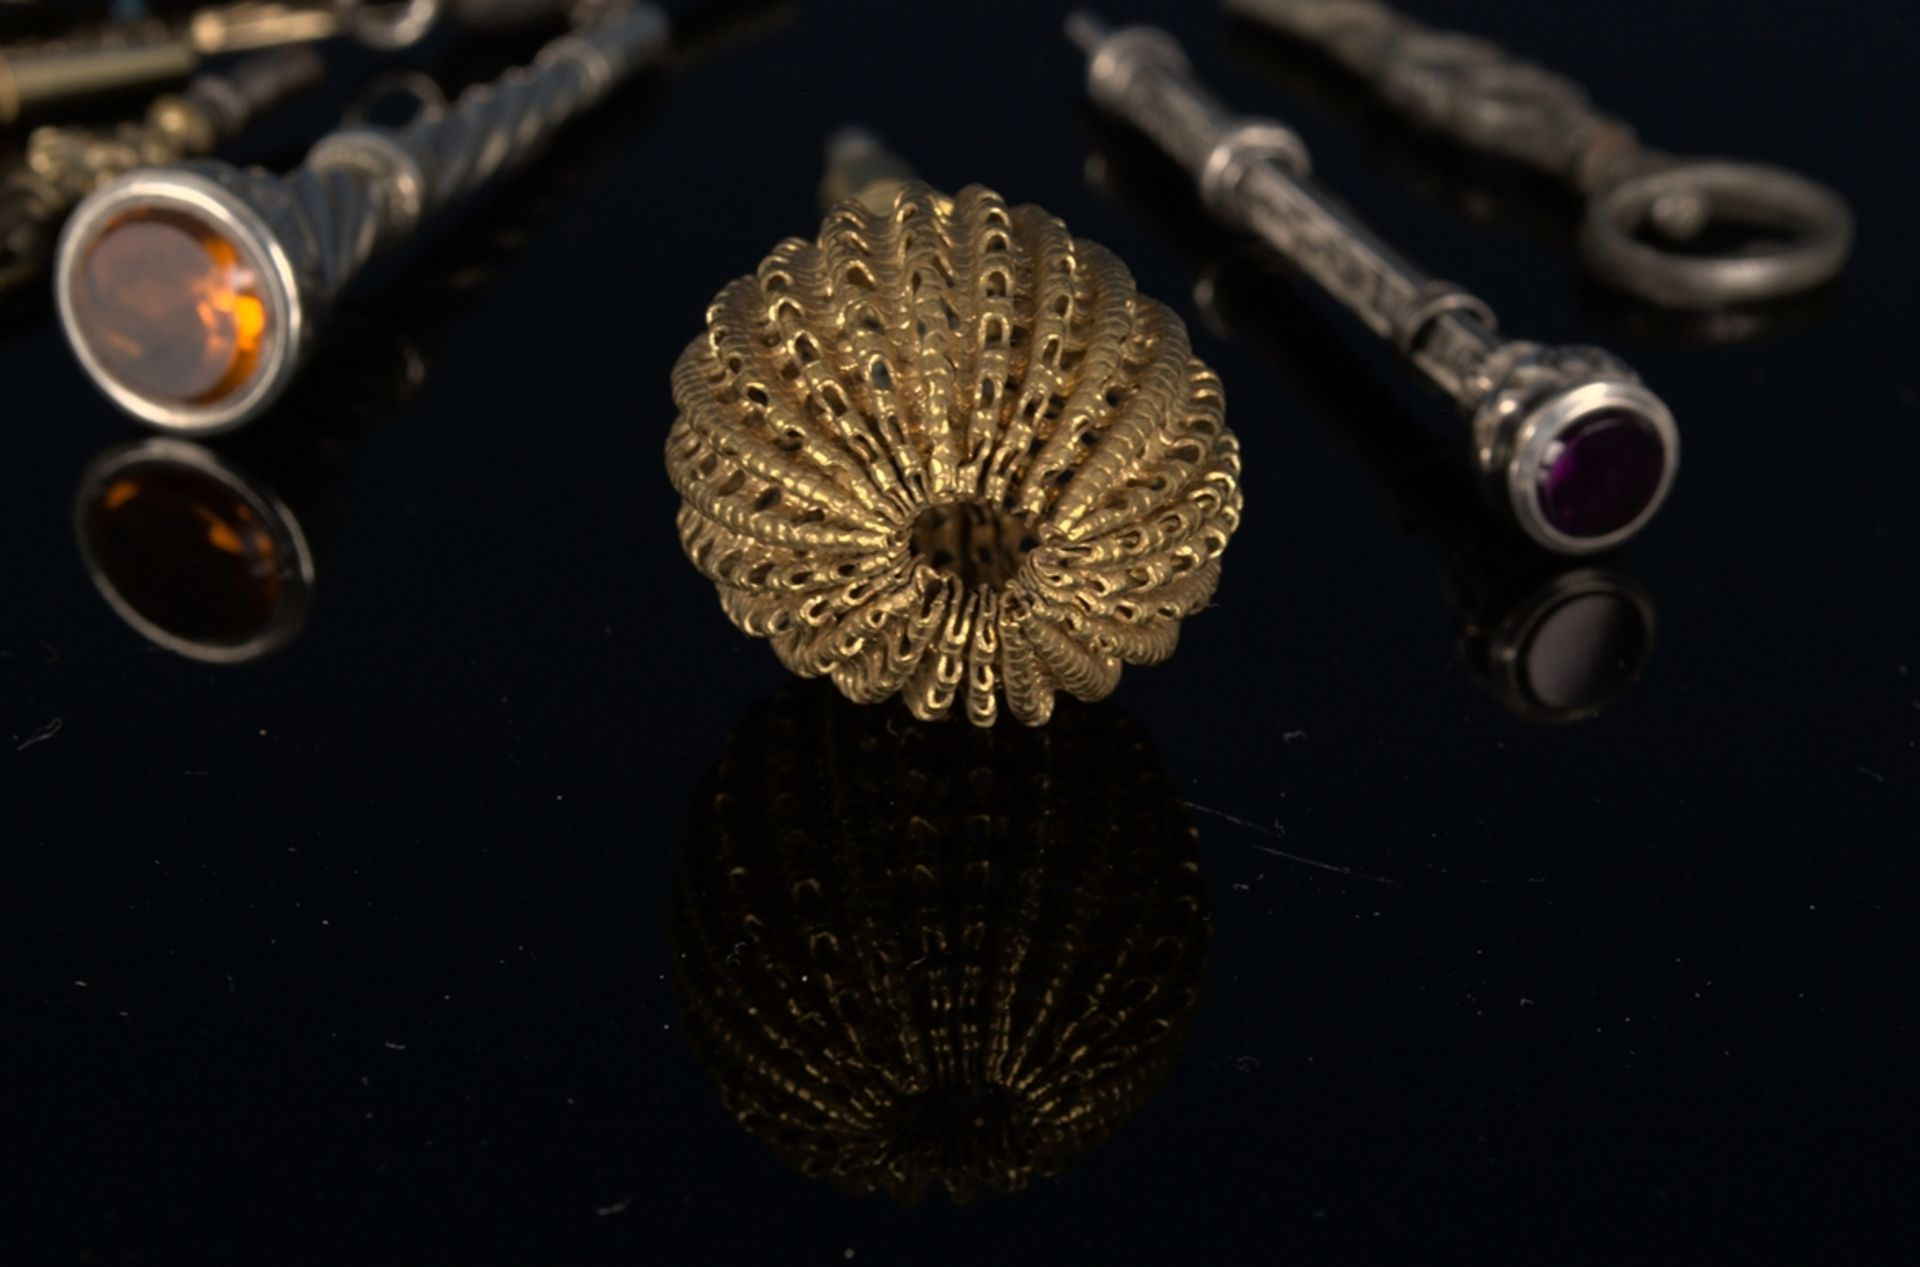 8teilige Sammlung versch. Taschenuhrenschlüssel, überwiegend 19. Jhd. Versch. Alter, Größen, - Bild 4 aus 24